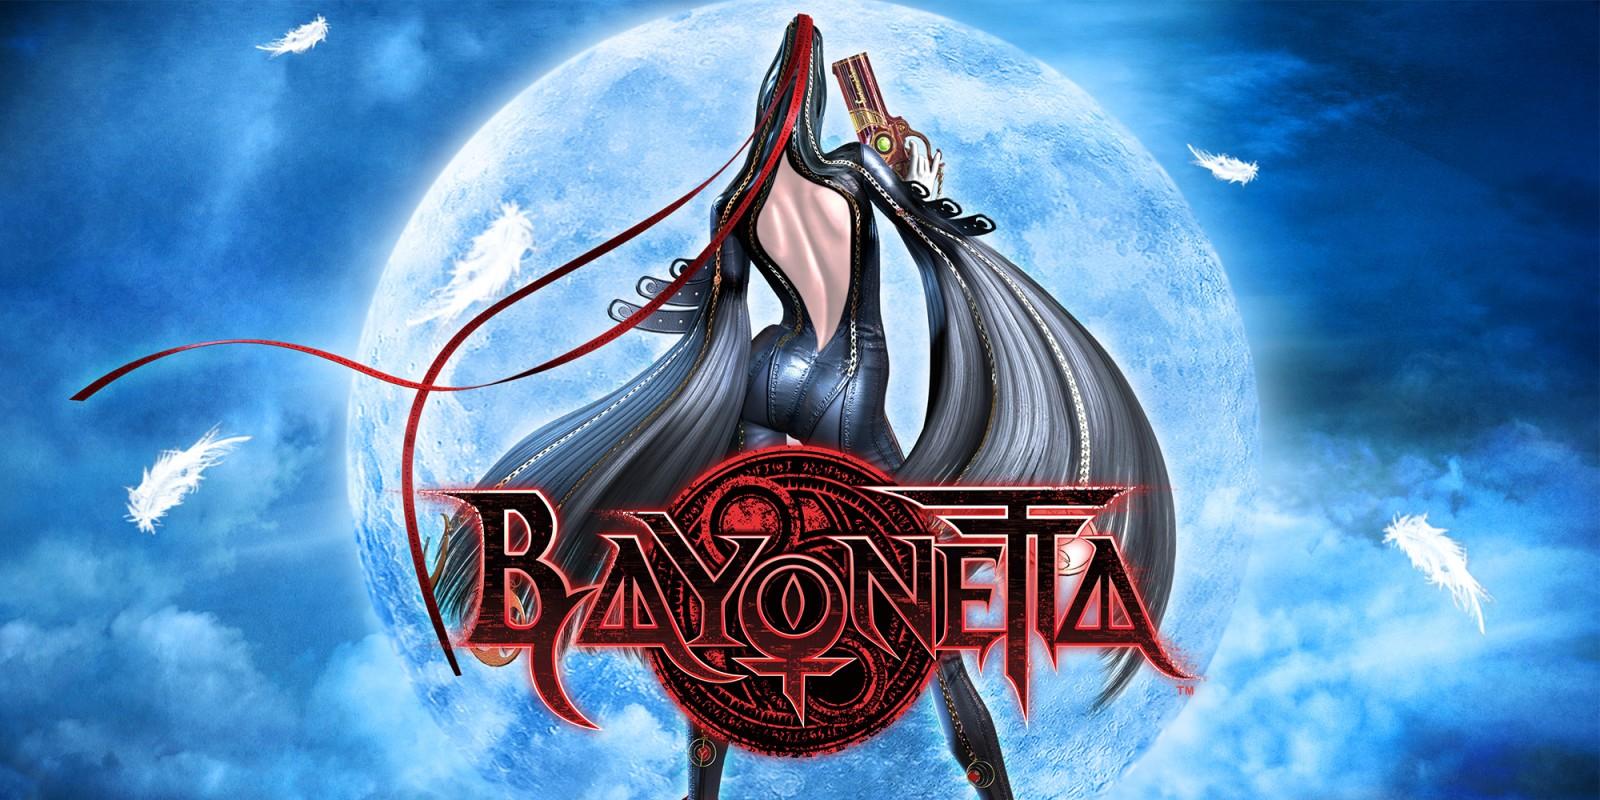 [Steam] Bayonetta - £5.99 - Fanatical